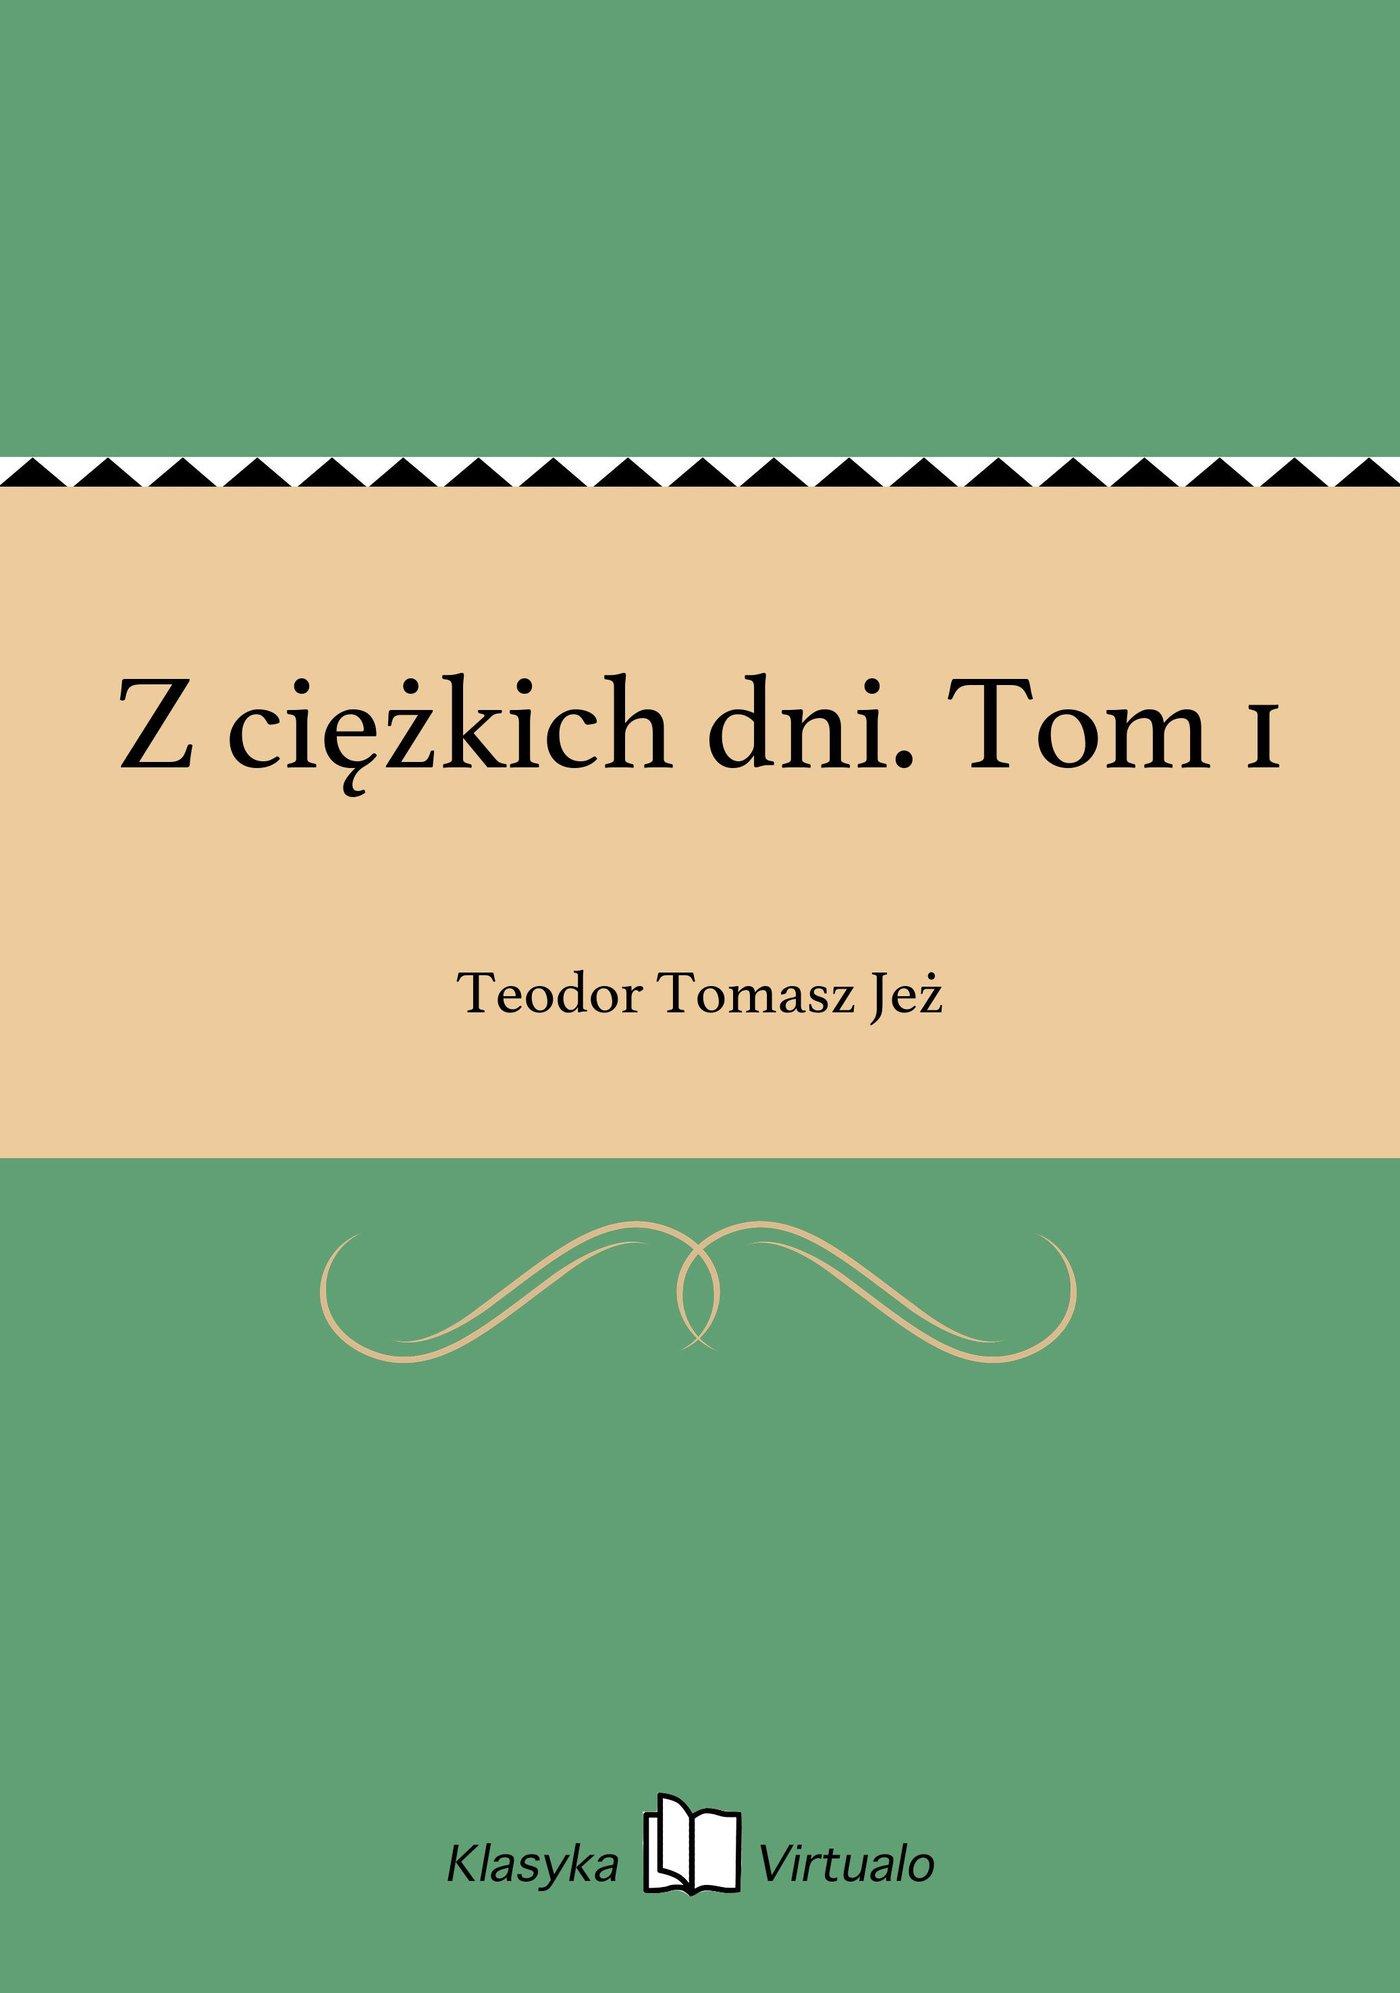 Z ciężkich dni. Tom 1 - Ebook (Książka EPUB) do pobrania w formacie EPUB